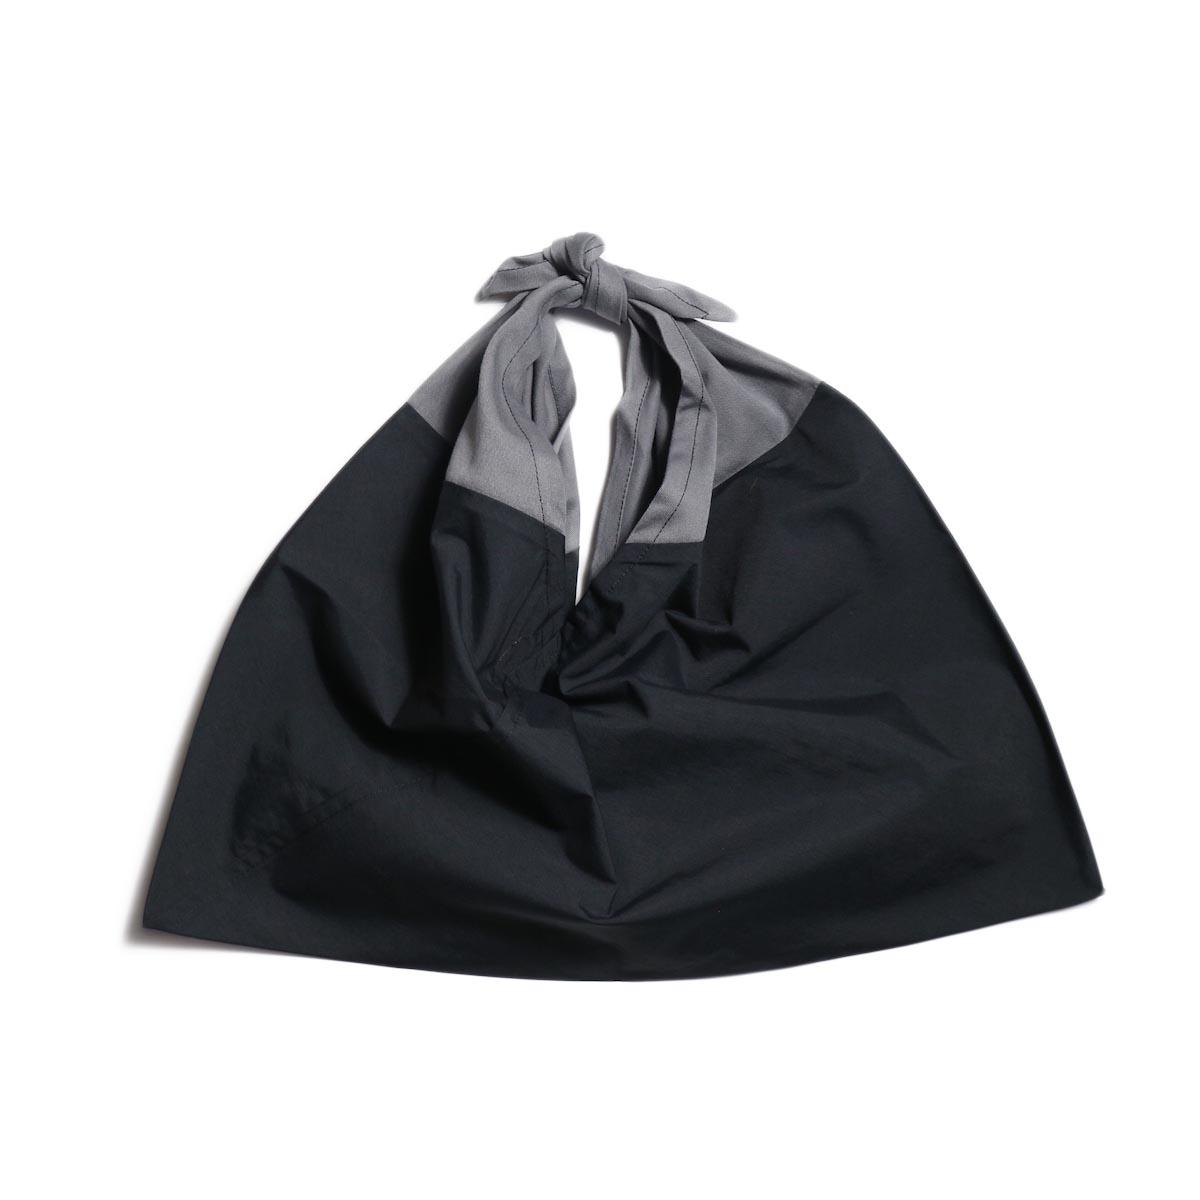 LIVING CONCEPT / AZUMA BAG (SMALL) -BLACK × GRAY